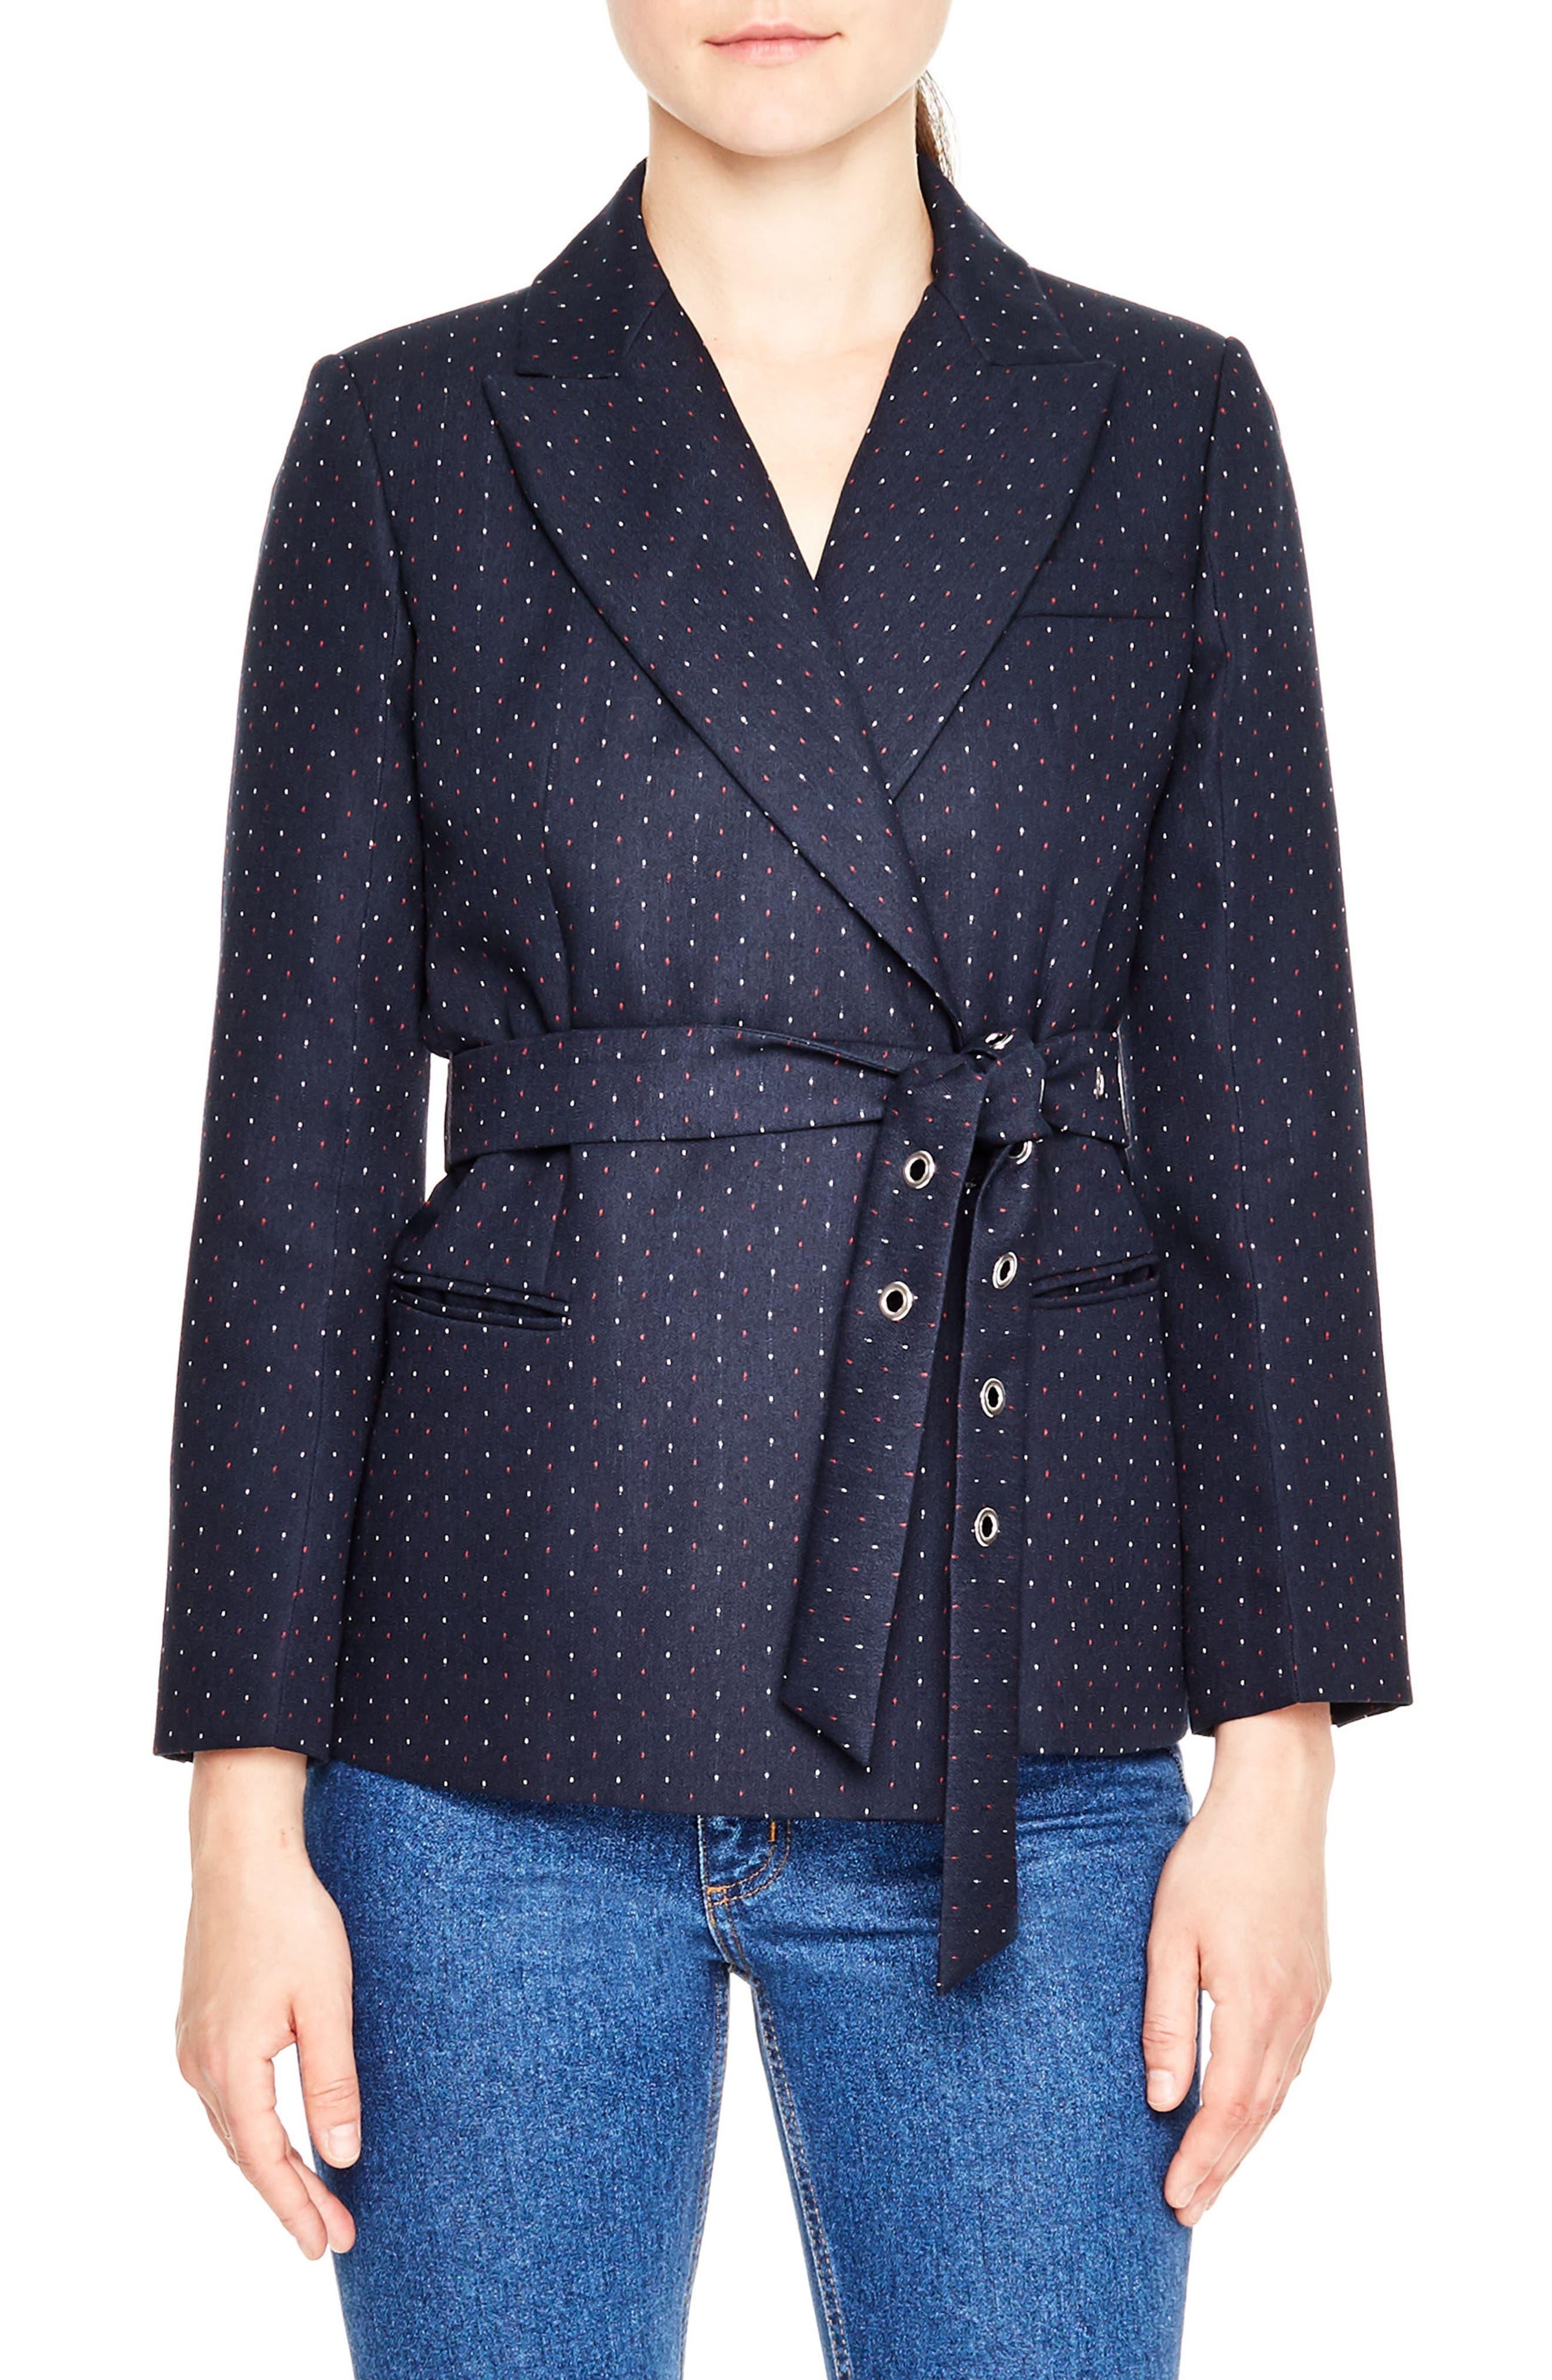 sandro Polka Dot Belted Jacket